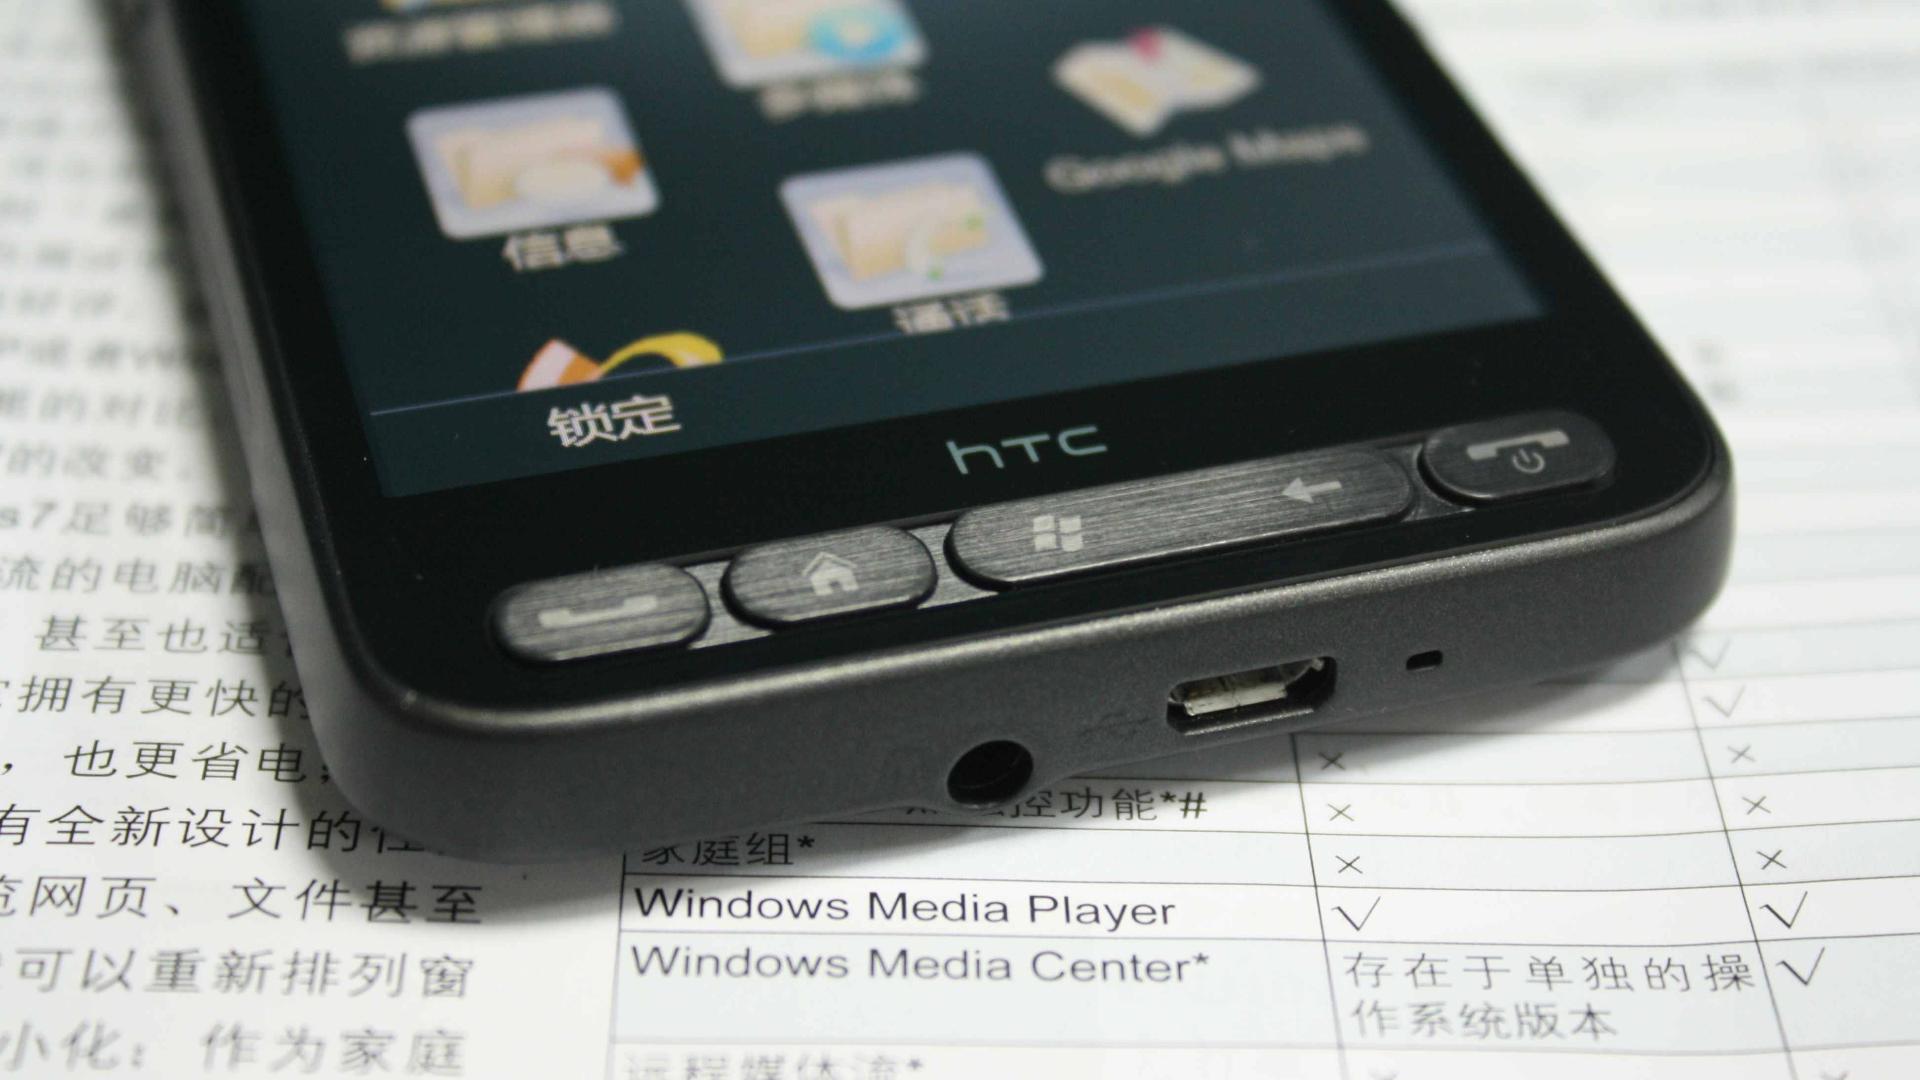 無可取代的不死機皇 - HTC HD2